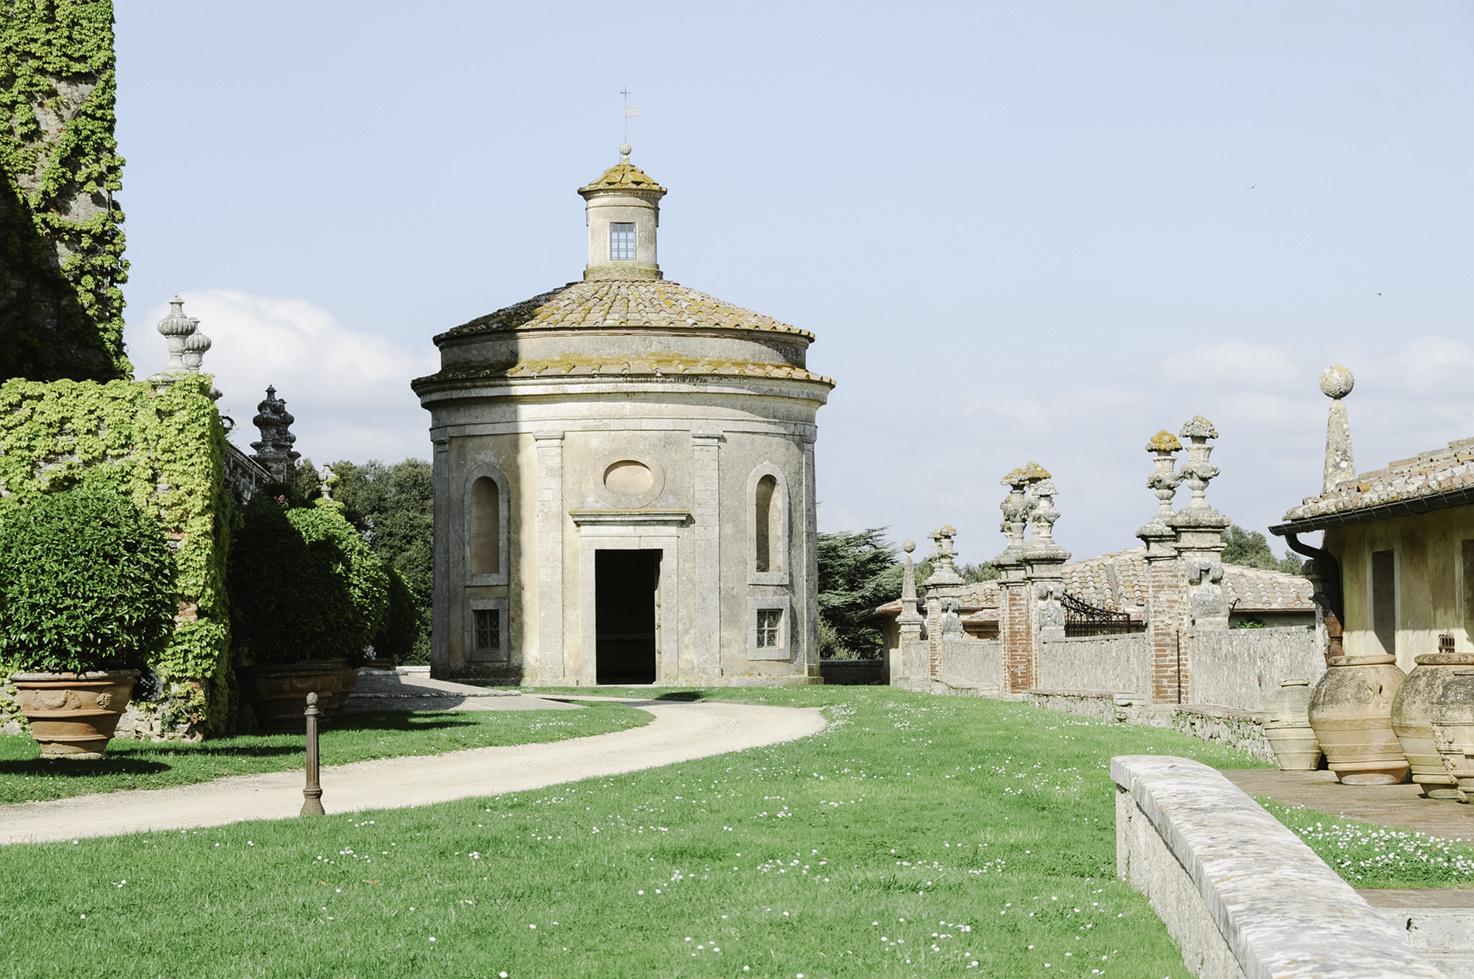 Chapel for religious ceremonies